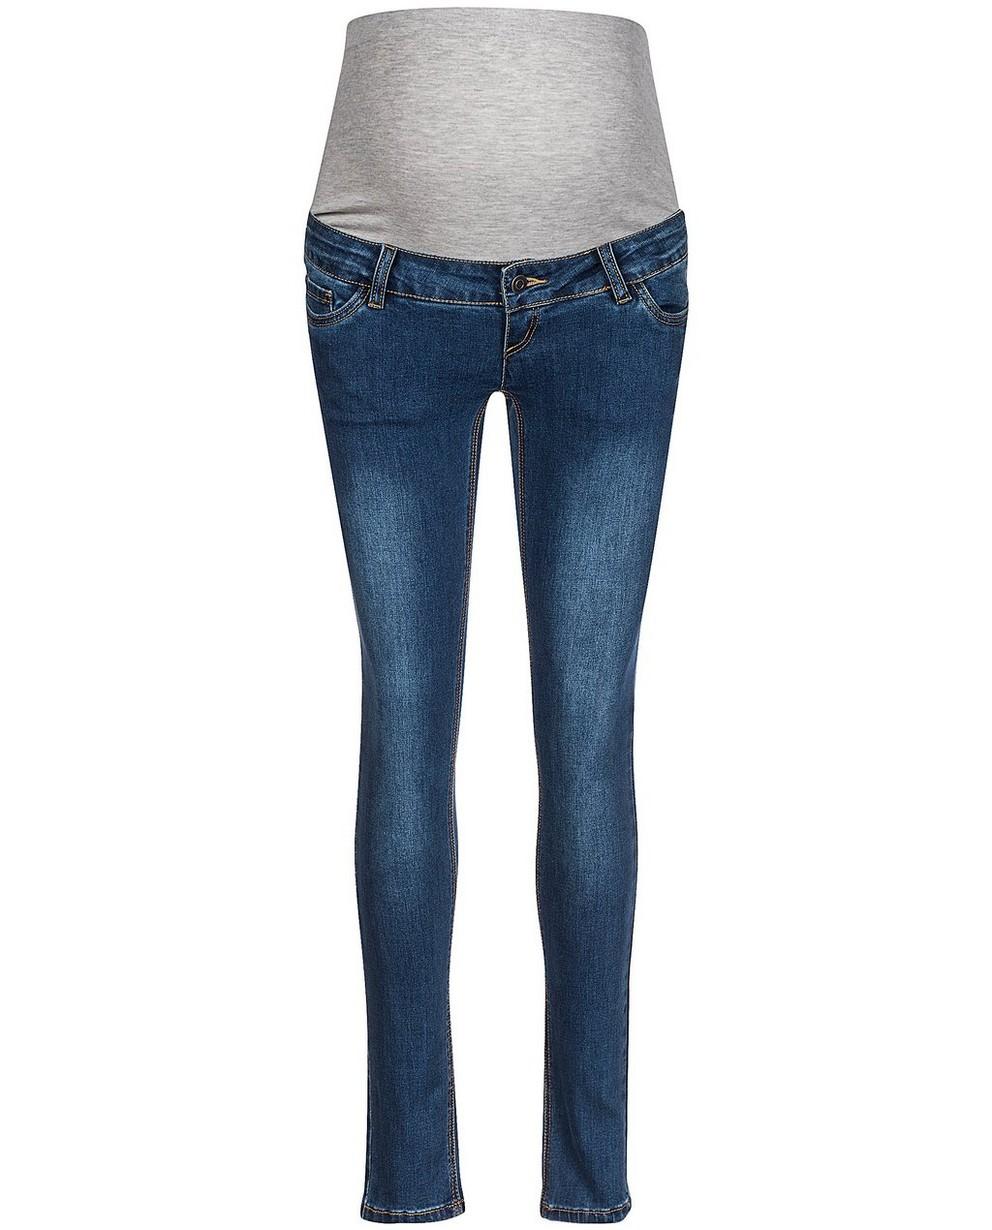 Jeans slim fit bleu Mamalicious - grossesse - mali